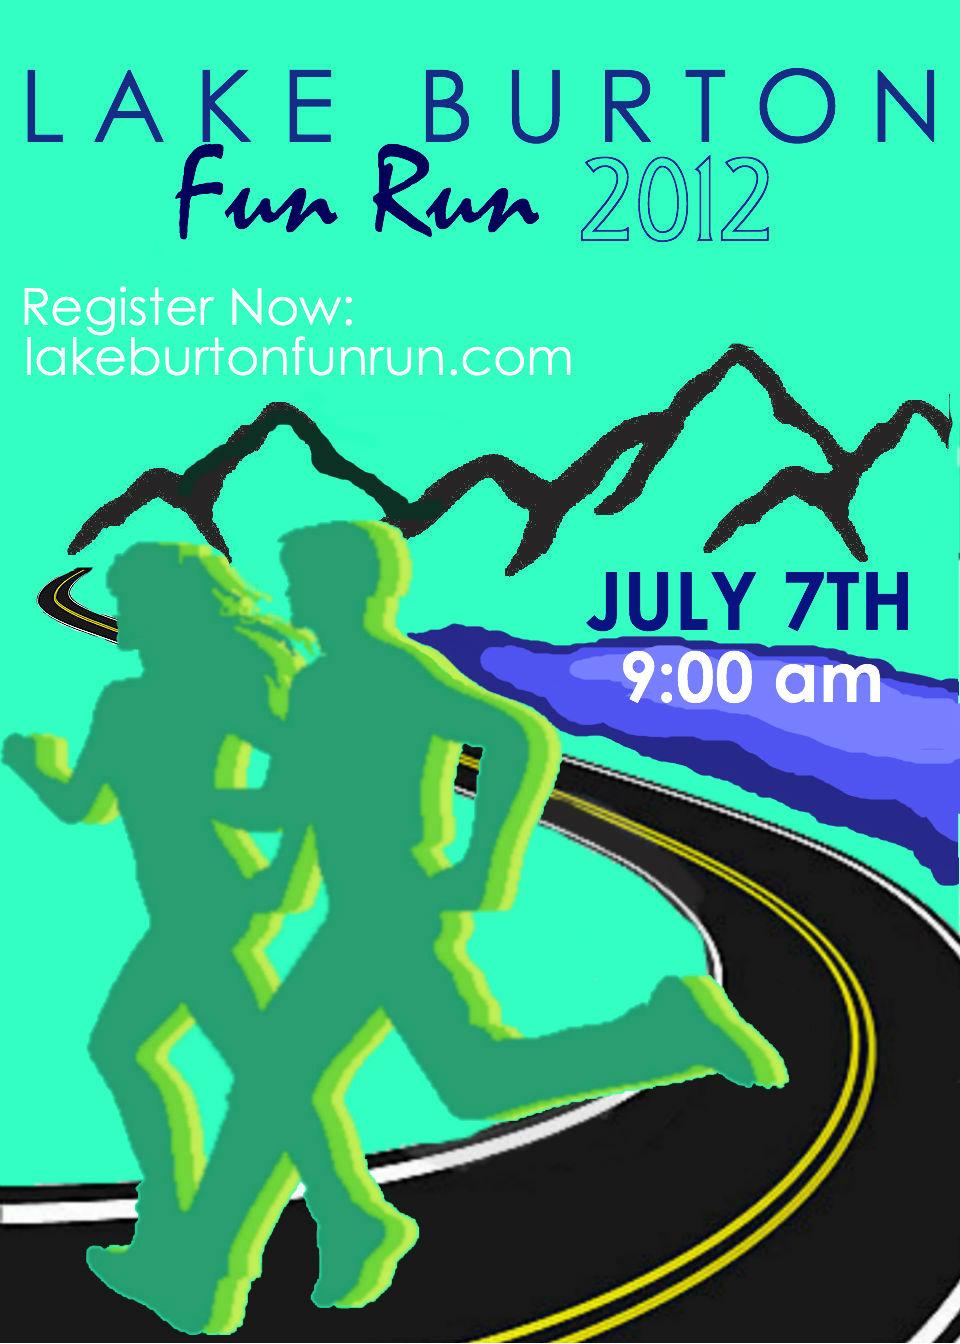 Lake Burton Fun Run